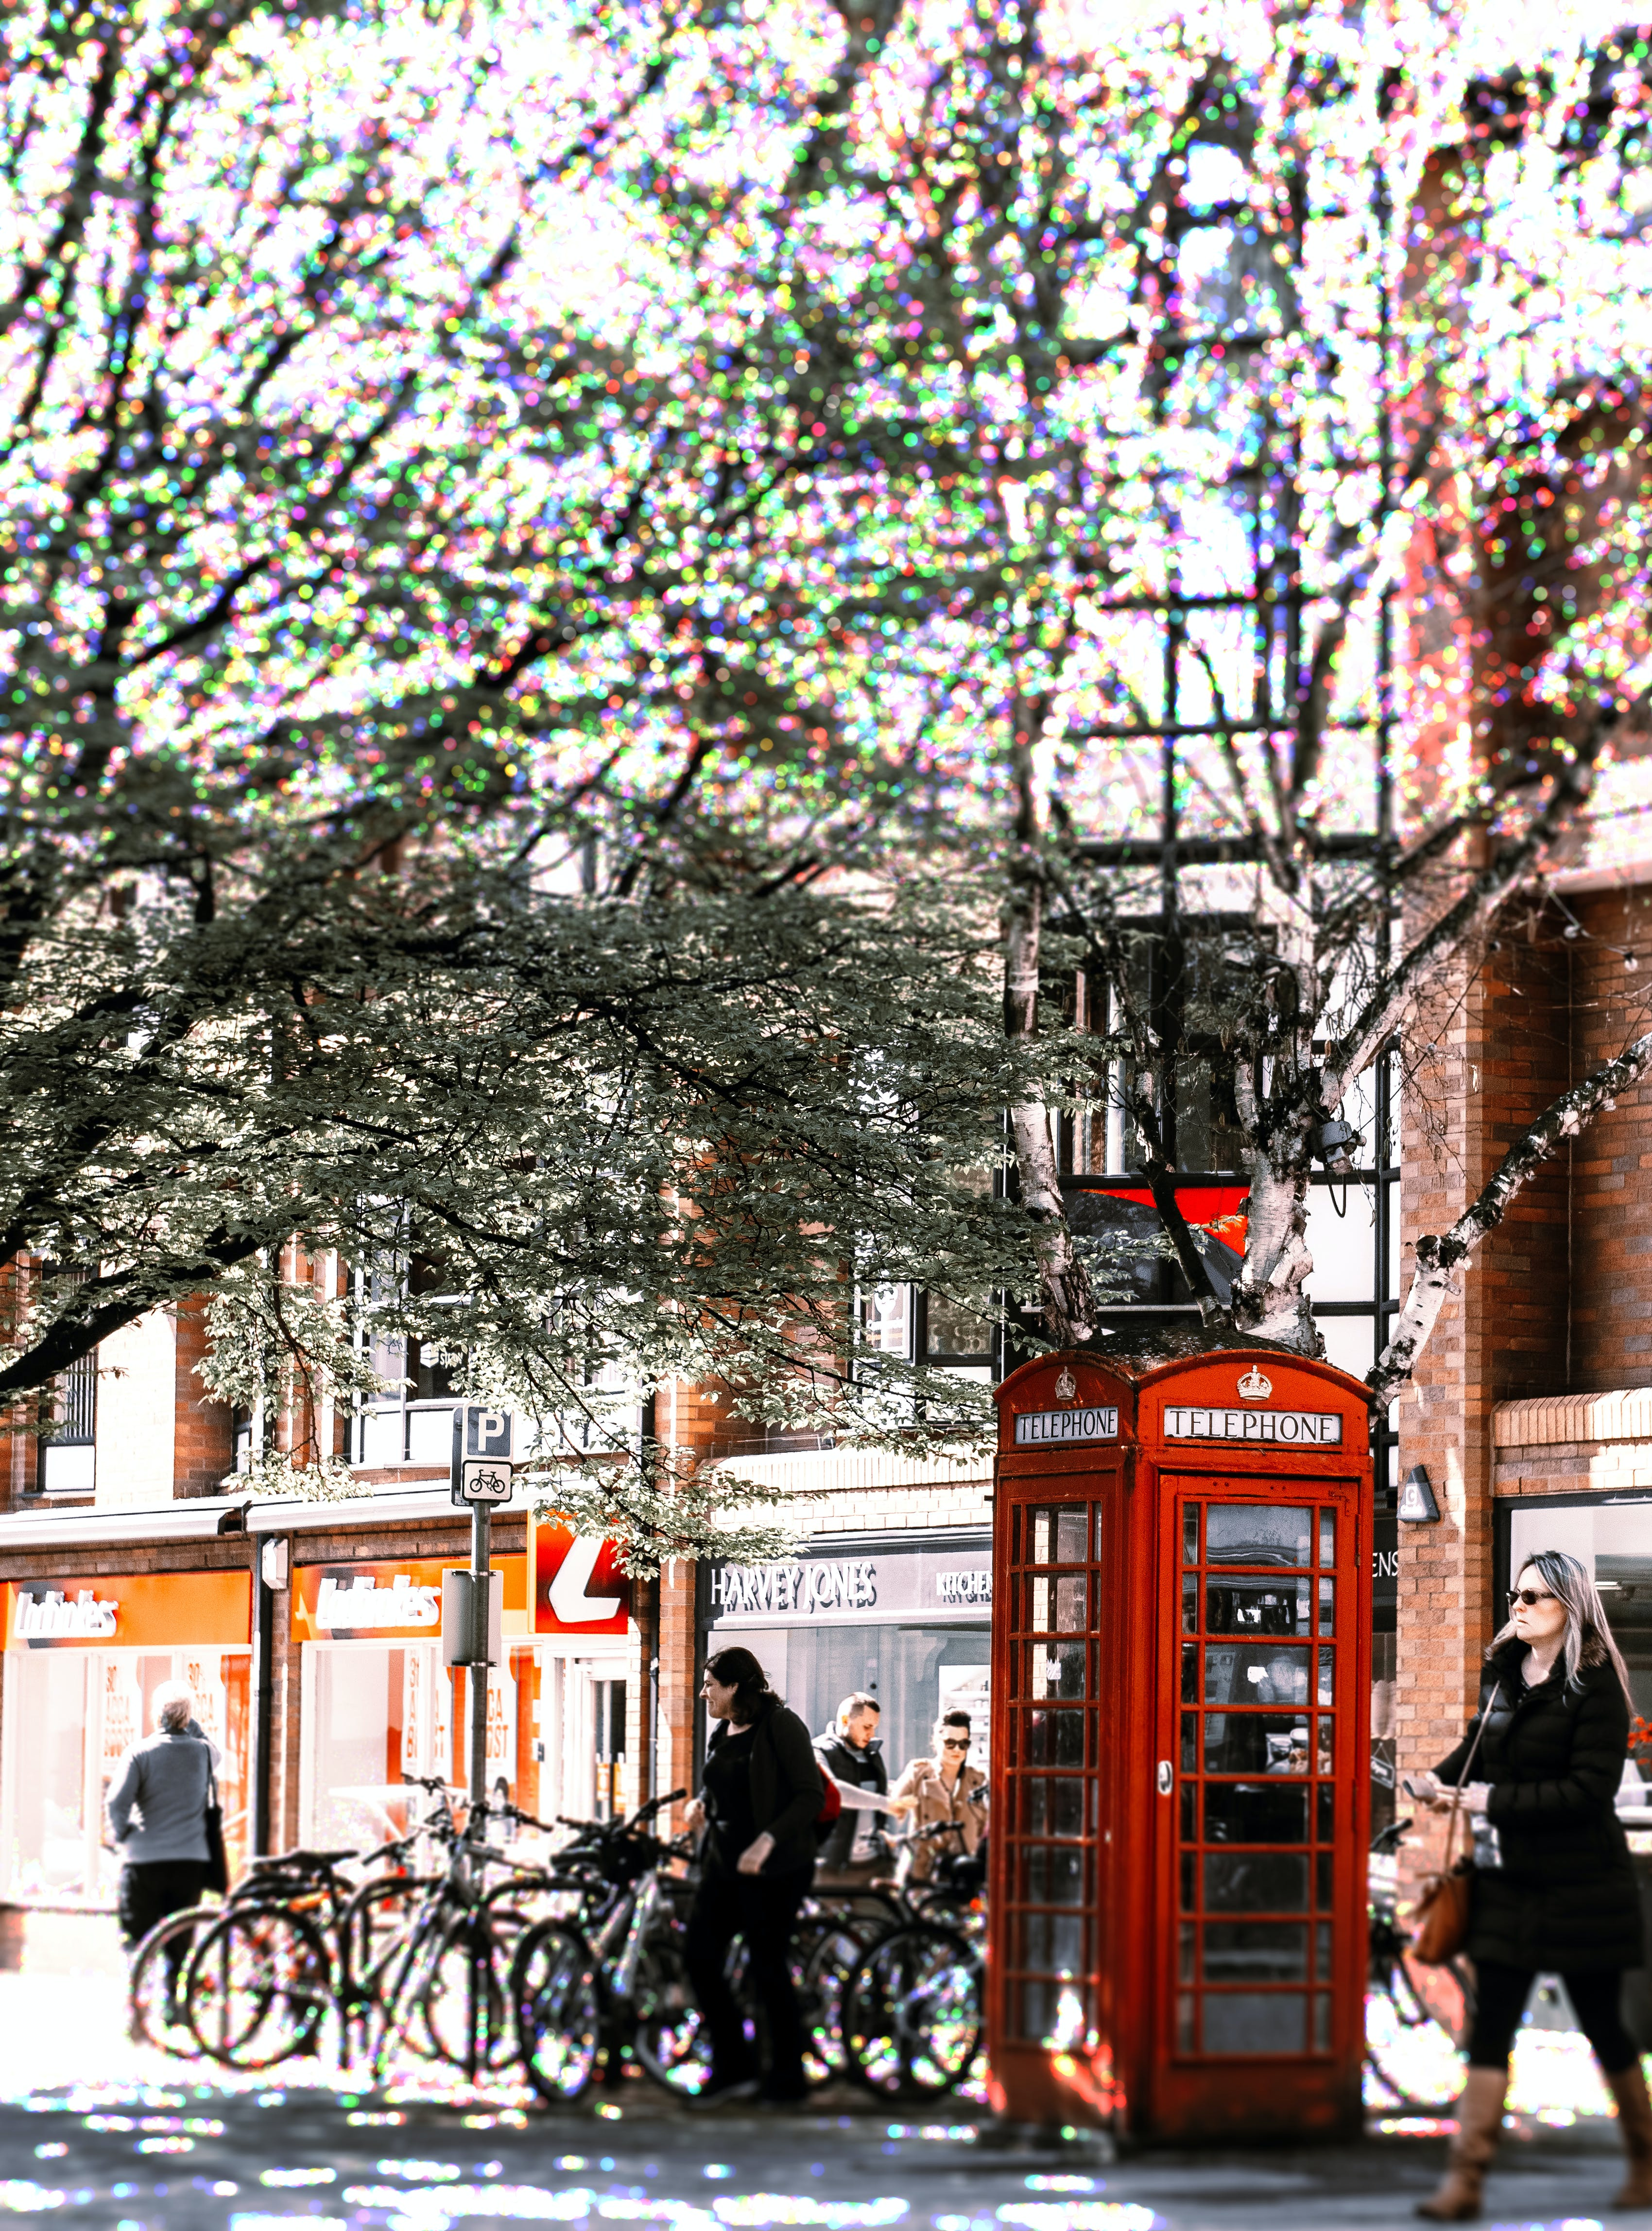 Základová fotografie zdarma na téma Británie, lidé, město, telefonní budka